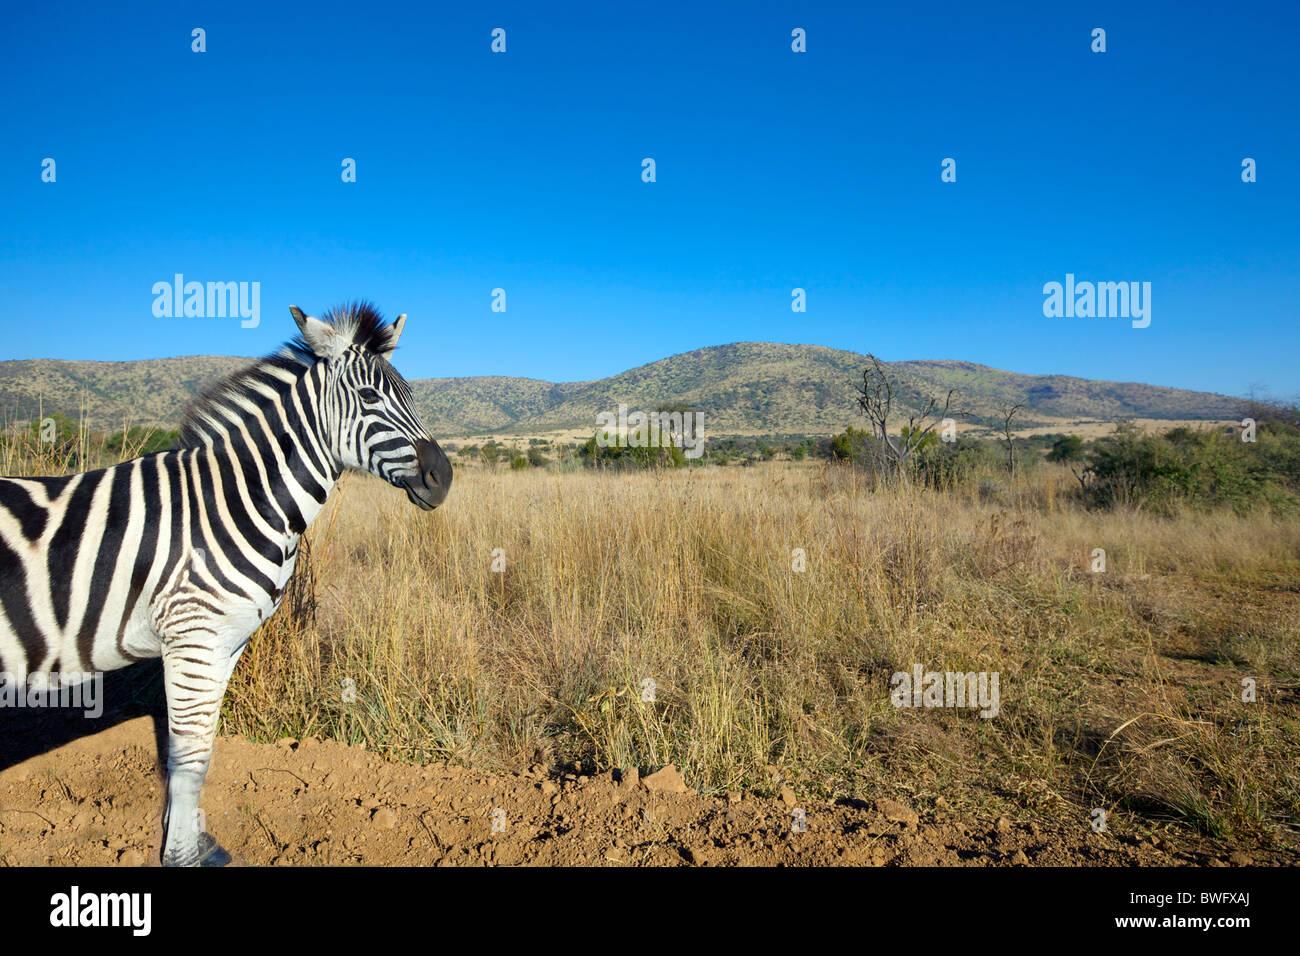 Zebra in open plain, Pilansberg National Park, South Africa - Stock Image